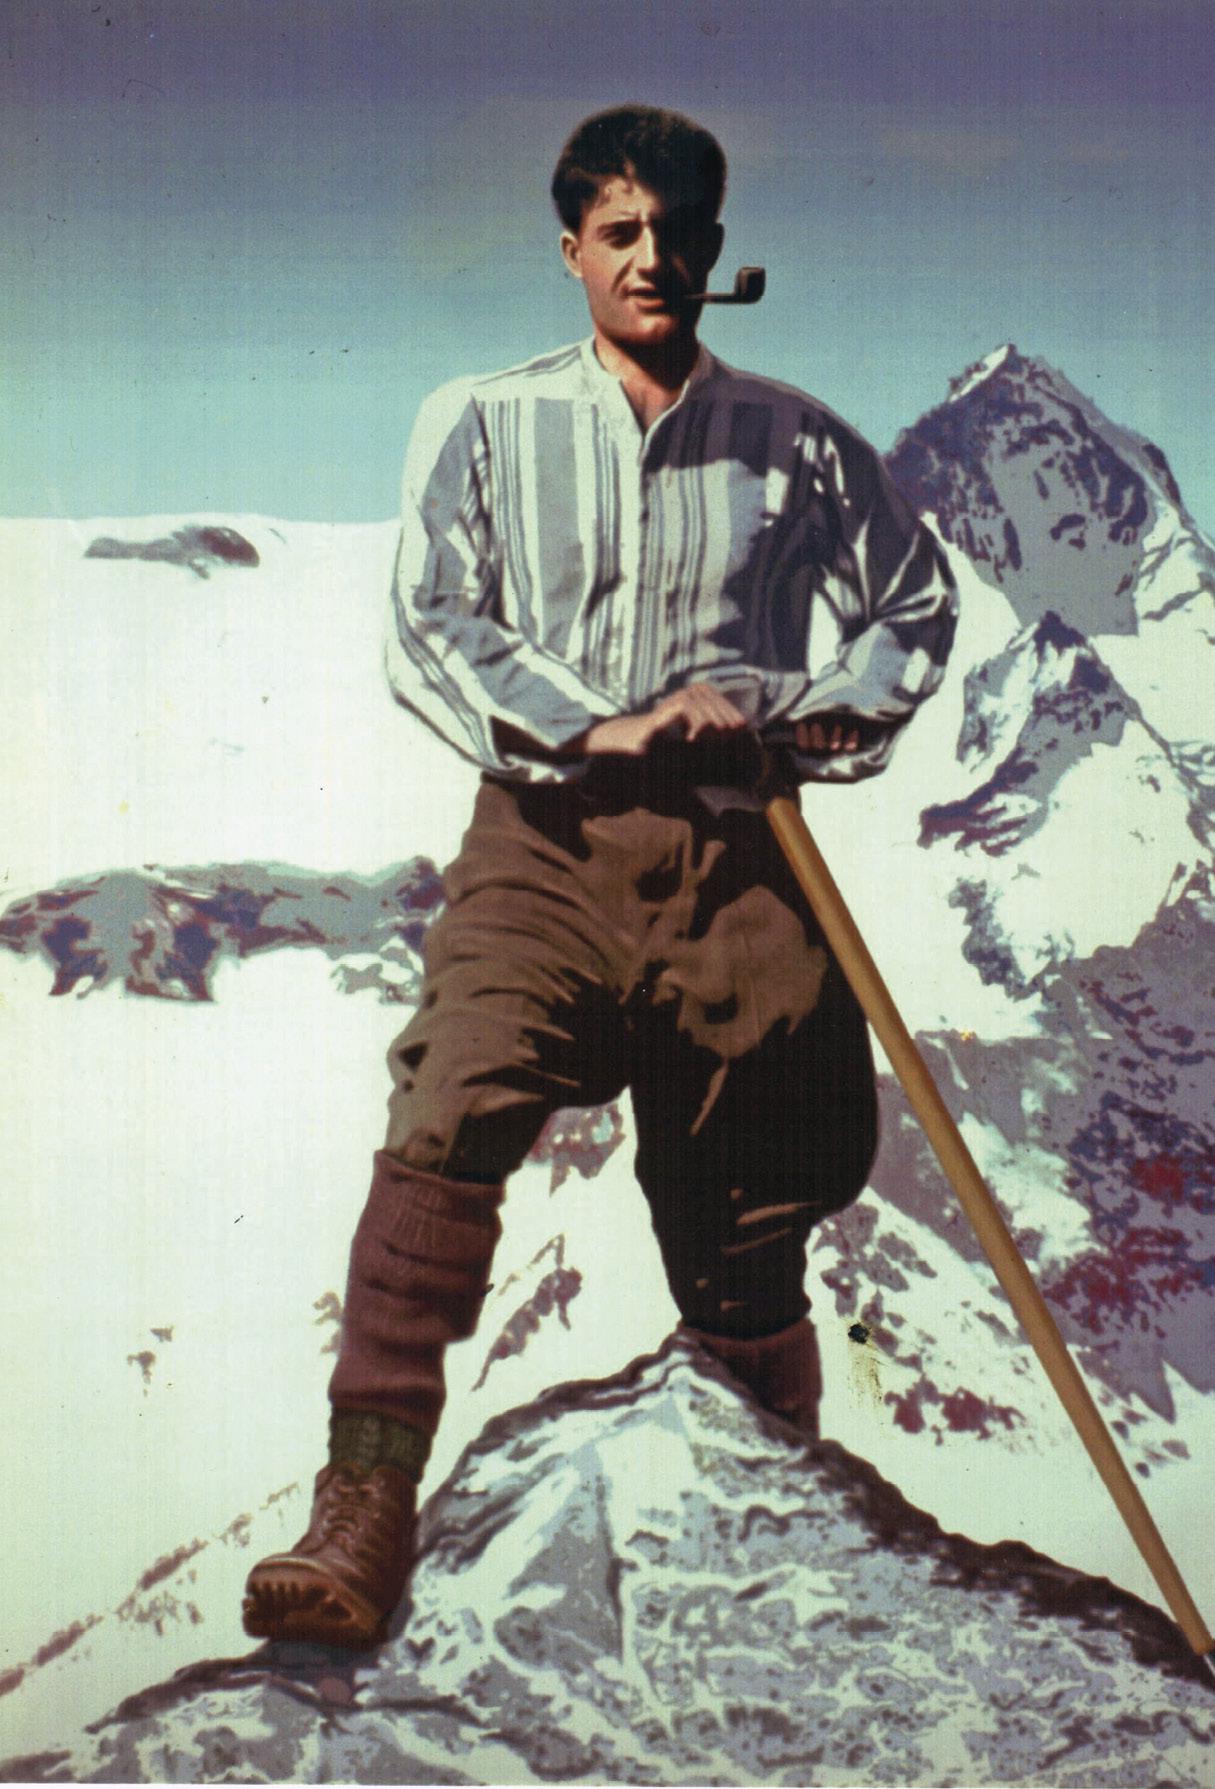 Beato Pier Giorgio Frassati